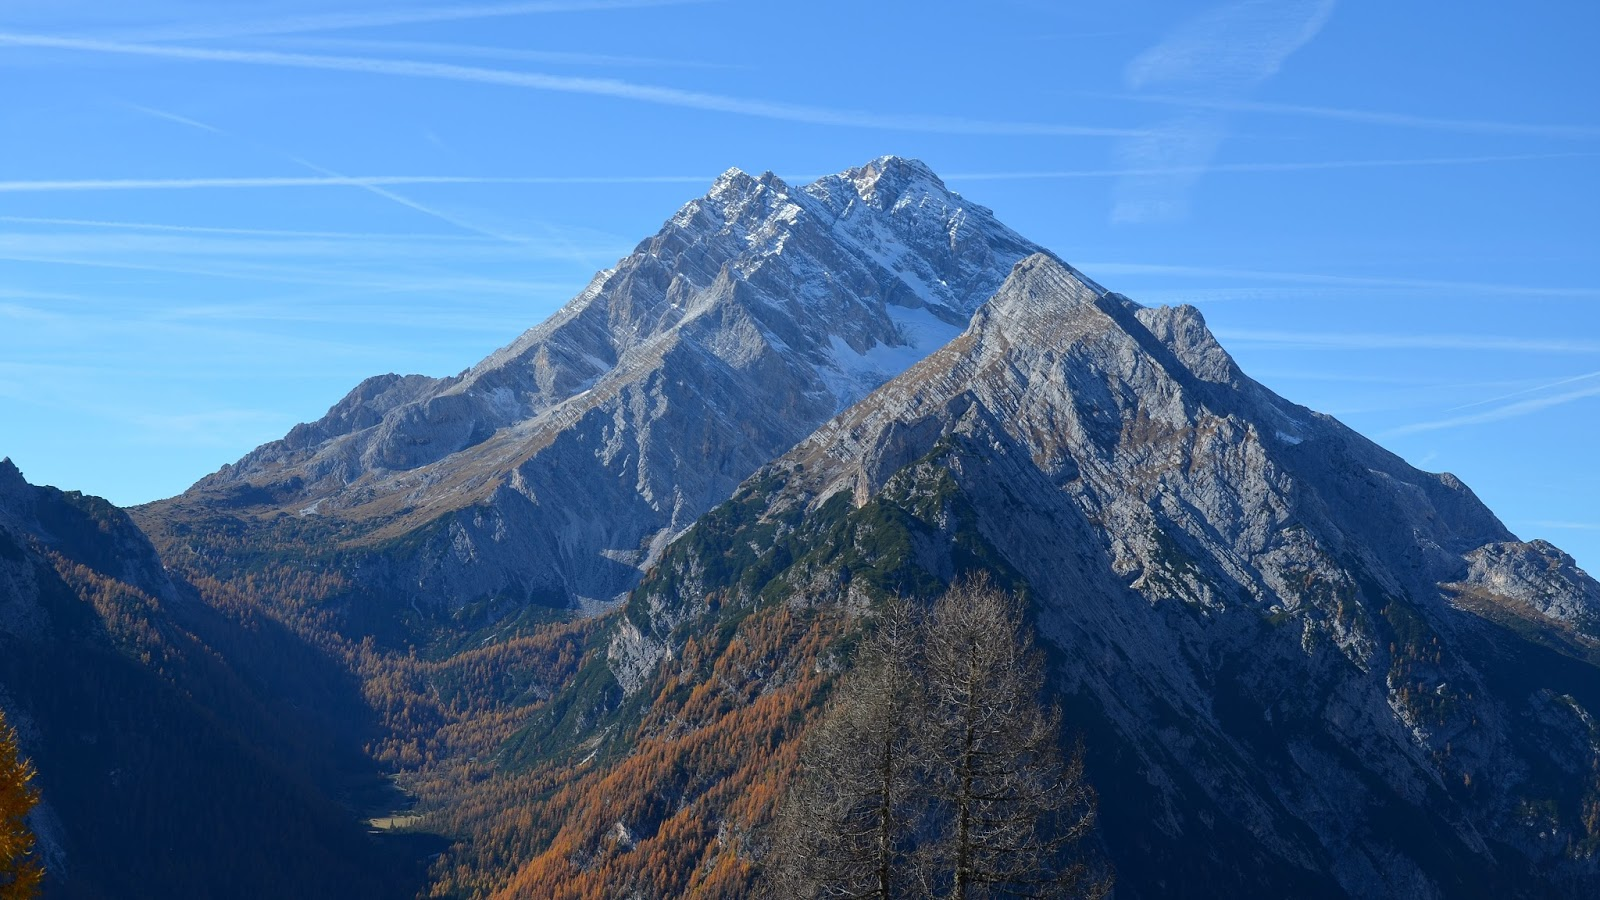 I cambiamenti climatici influiscono nel paesaggio Alpino